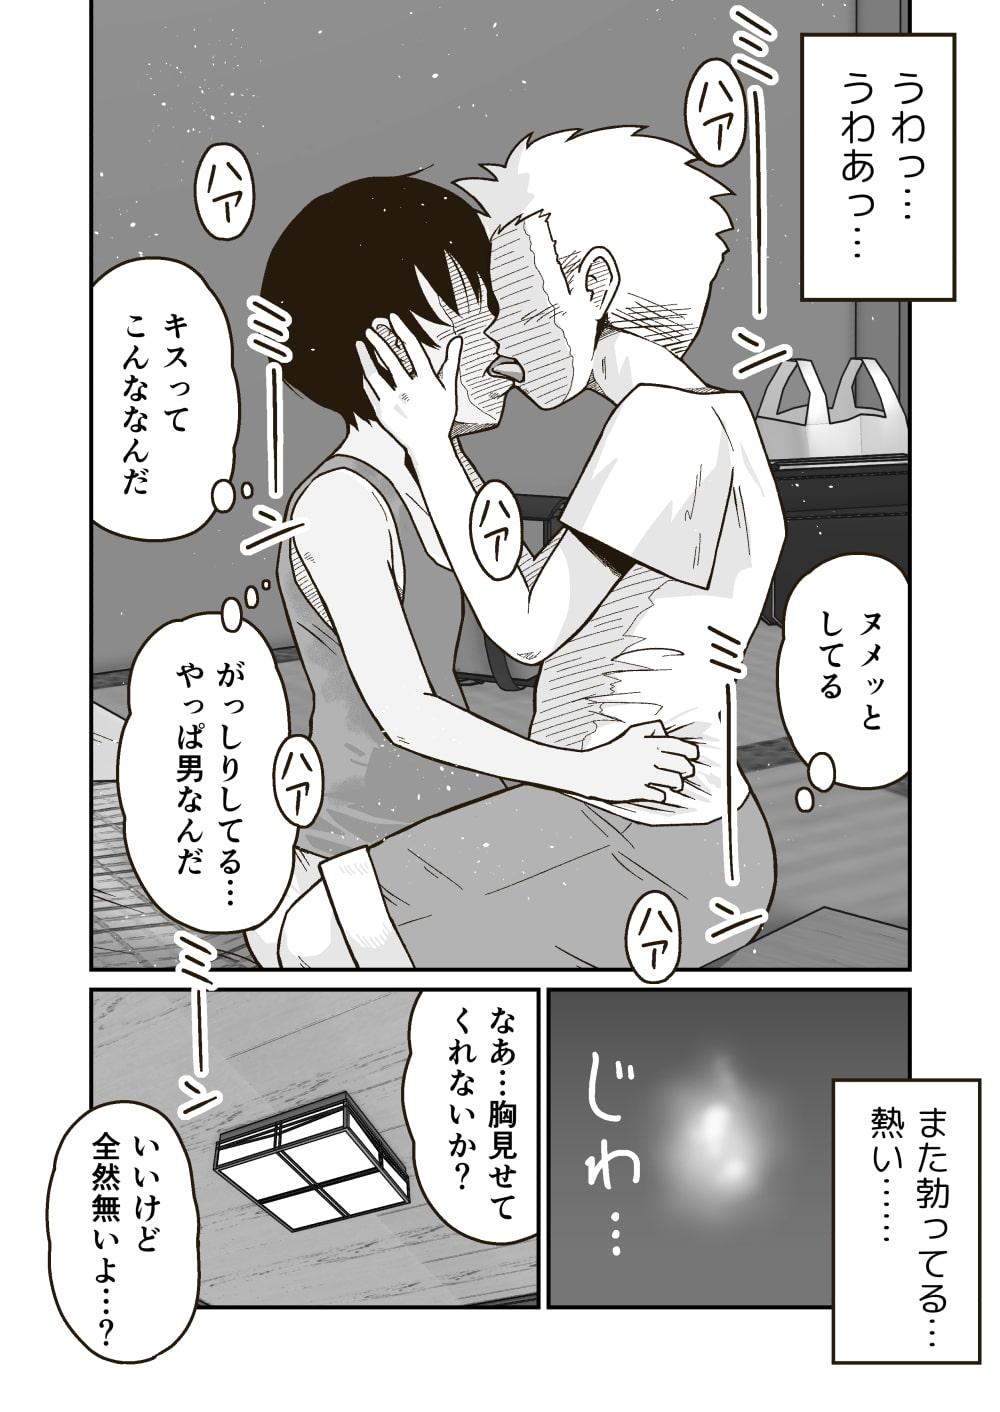 RJ346207 マコトと俺の夏 [20211010]